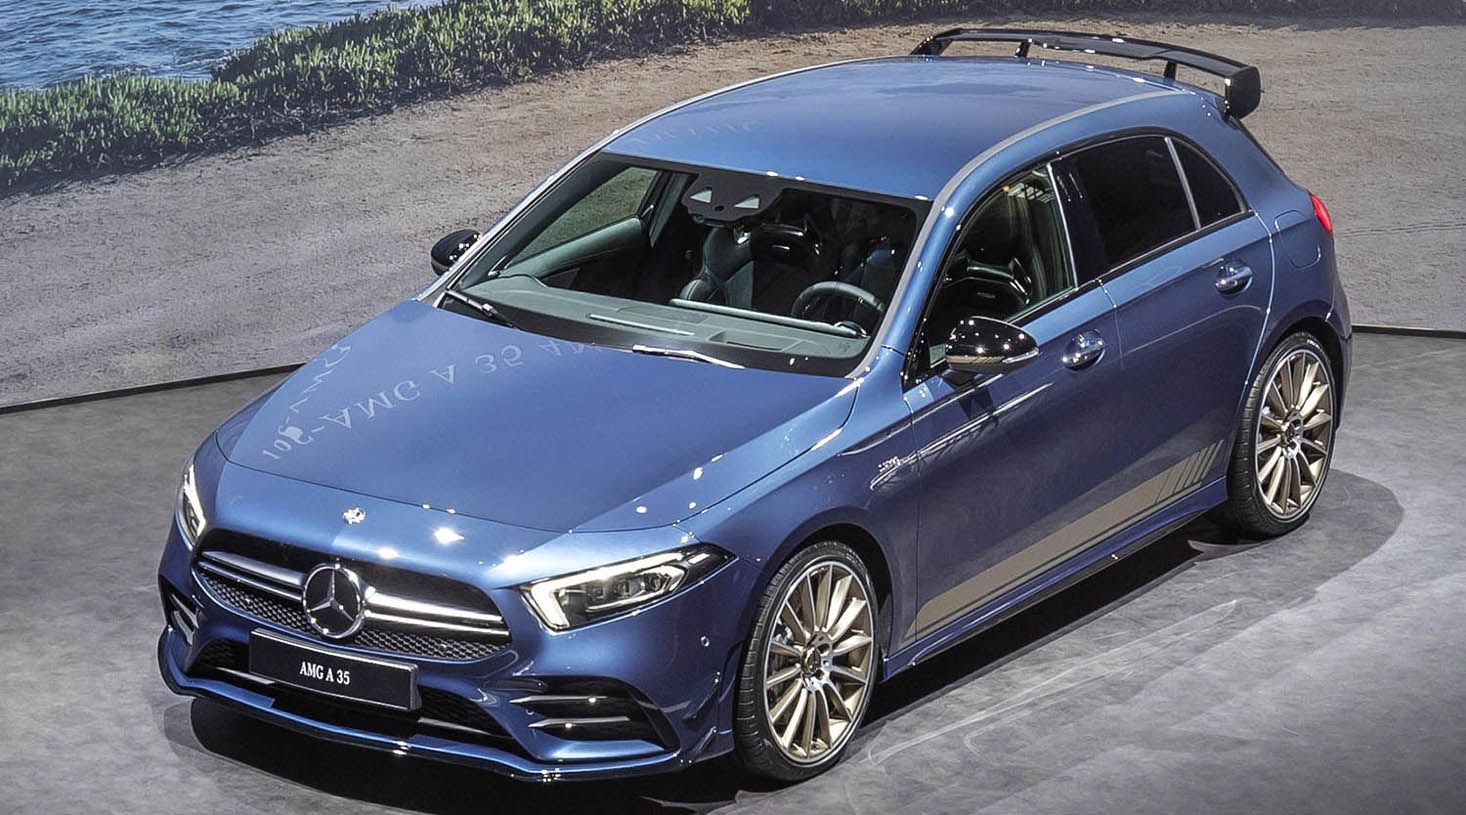 مرسيدس آي أم جي آي 35 هاتشباك من أجمل السيارات المدمجة الرياضية والهجينة في العالم موقع ويلز Mercedes Amg Mercedes Mercedes Benz